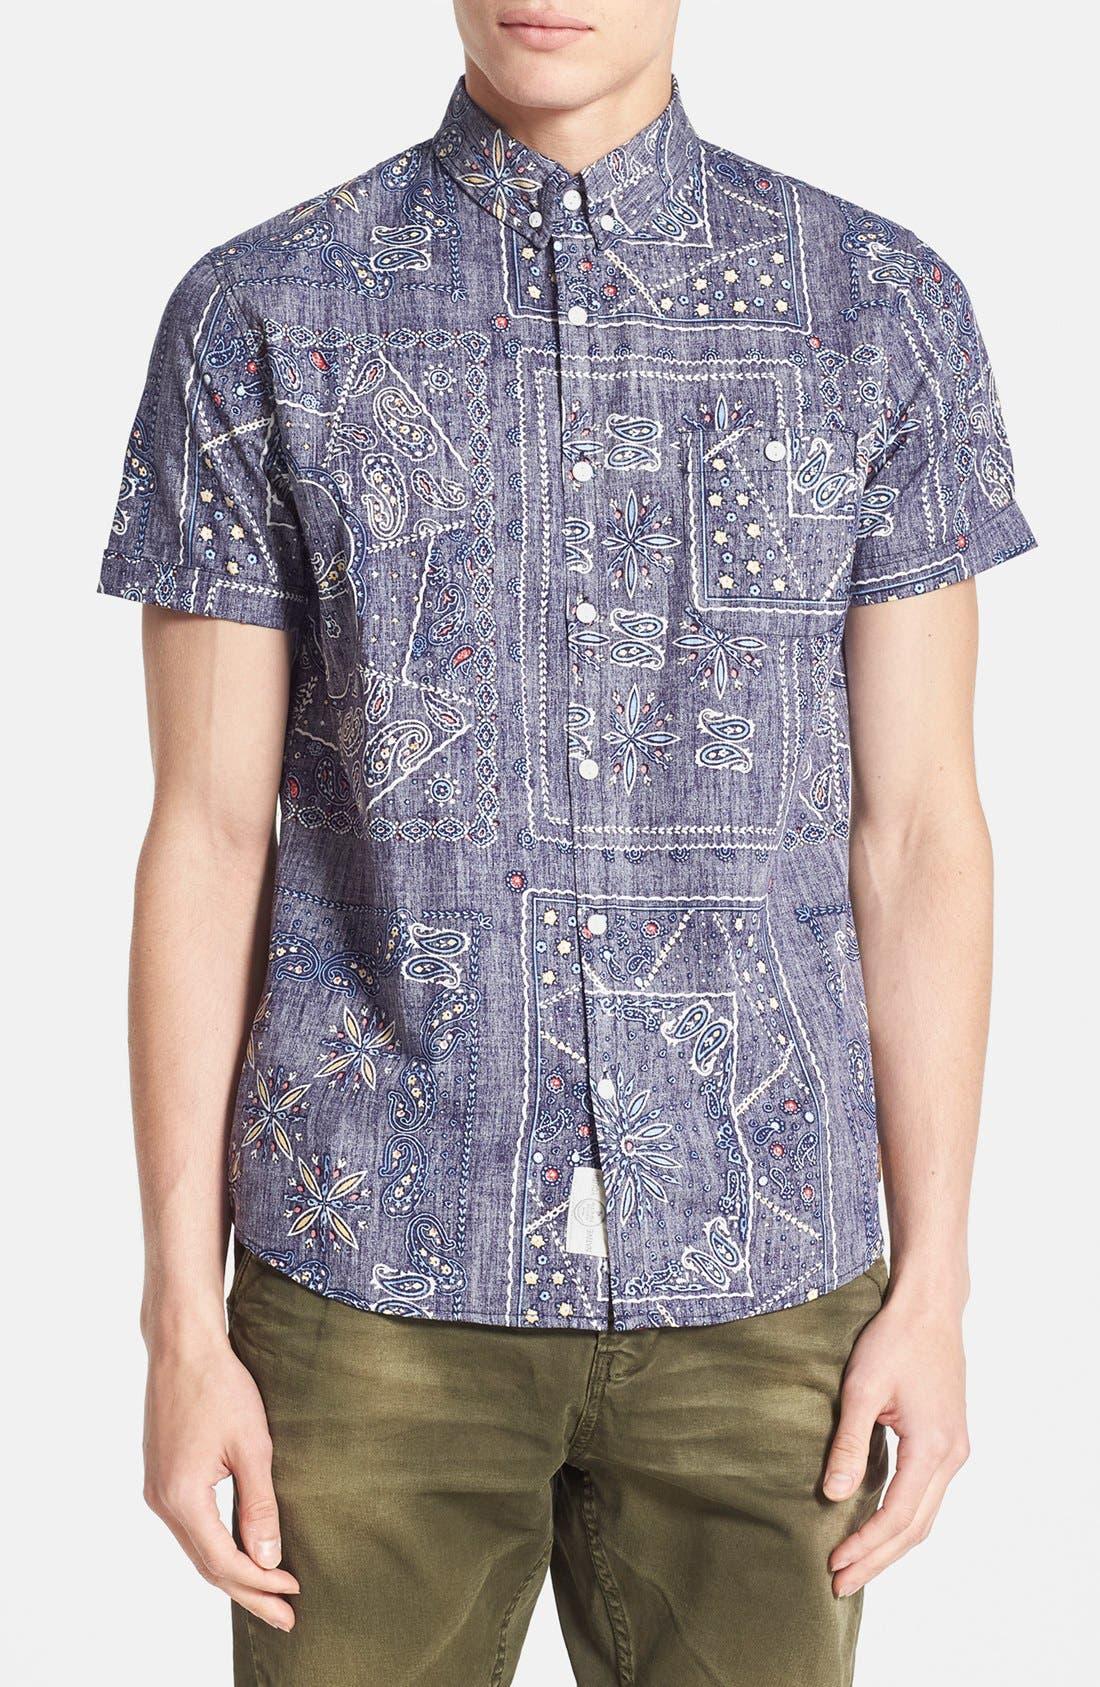 Main Image - Native Youth Gypsy Paisley Print Short Sleeve Chambray Shirt